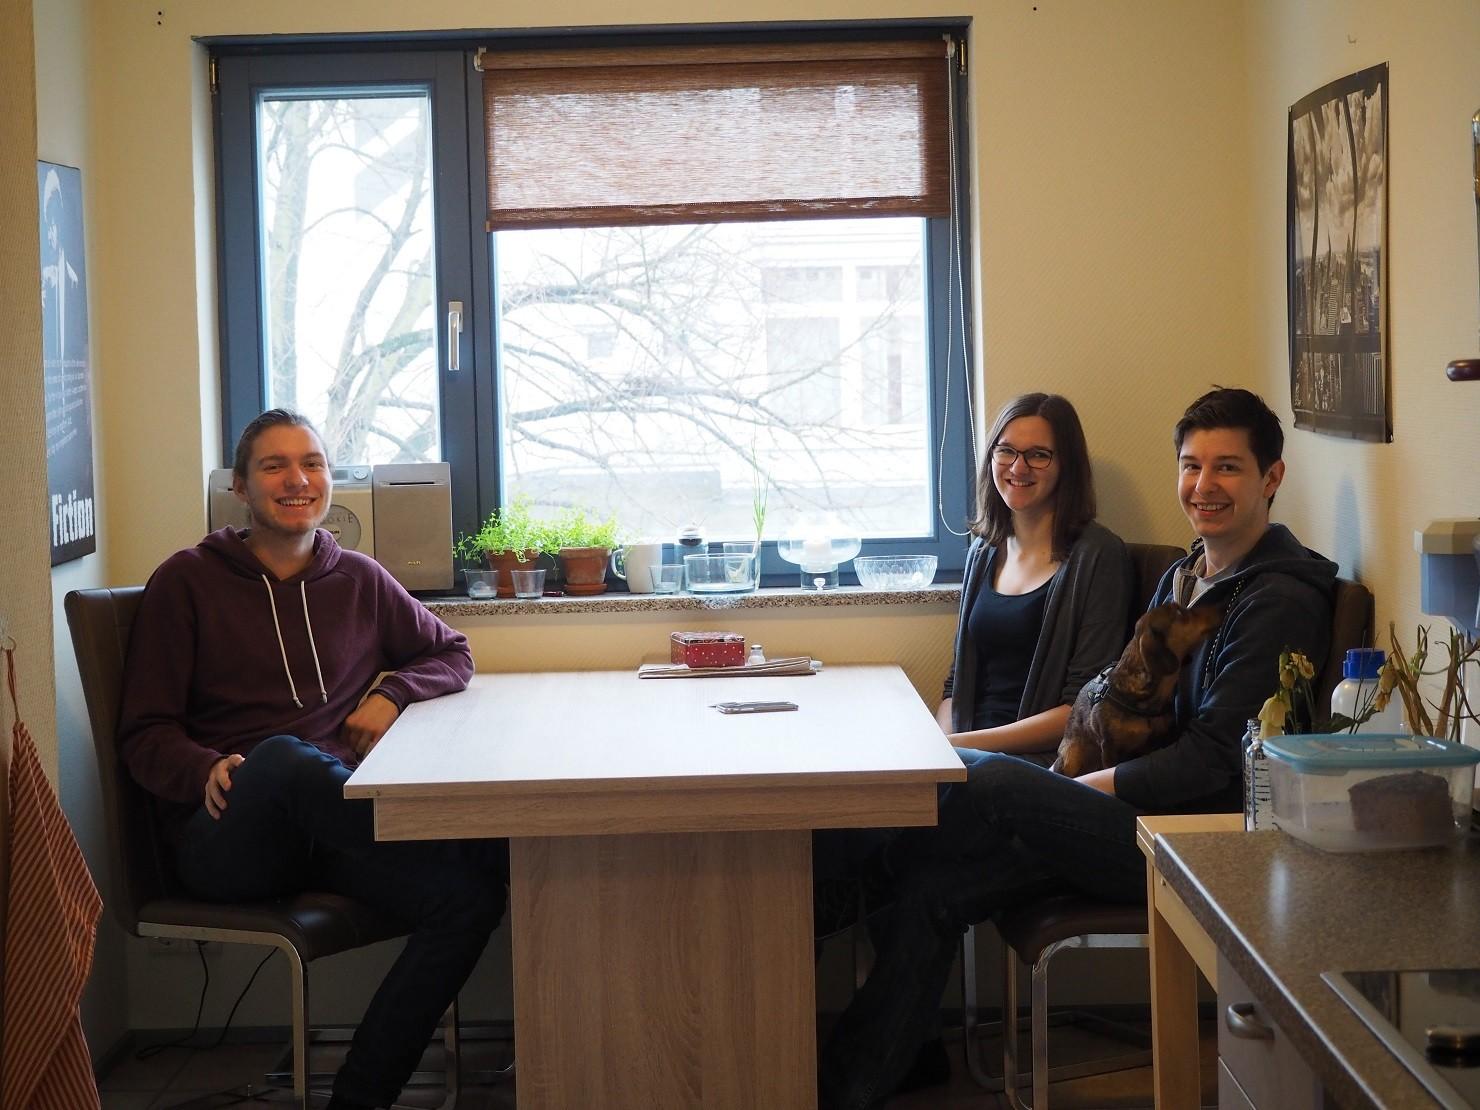 WG-Leben in Bonn Wohnungssuche Studenten